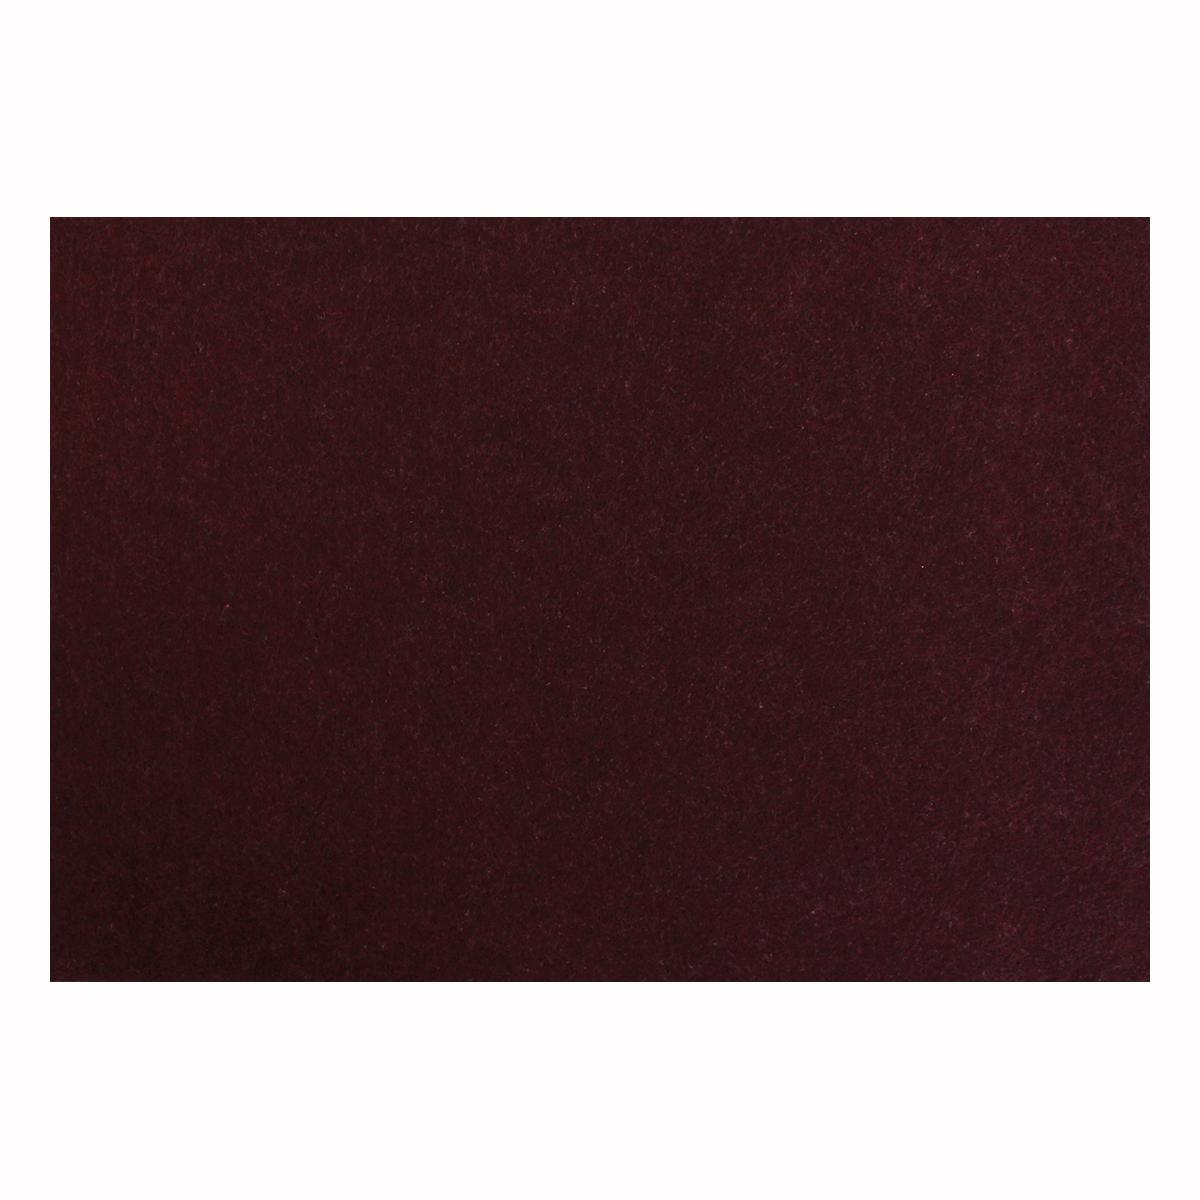 Фетр листовой Астра, цвет: бордовый, 20 х 30 см, 10 шт7708618_YF 617 бордо